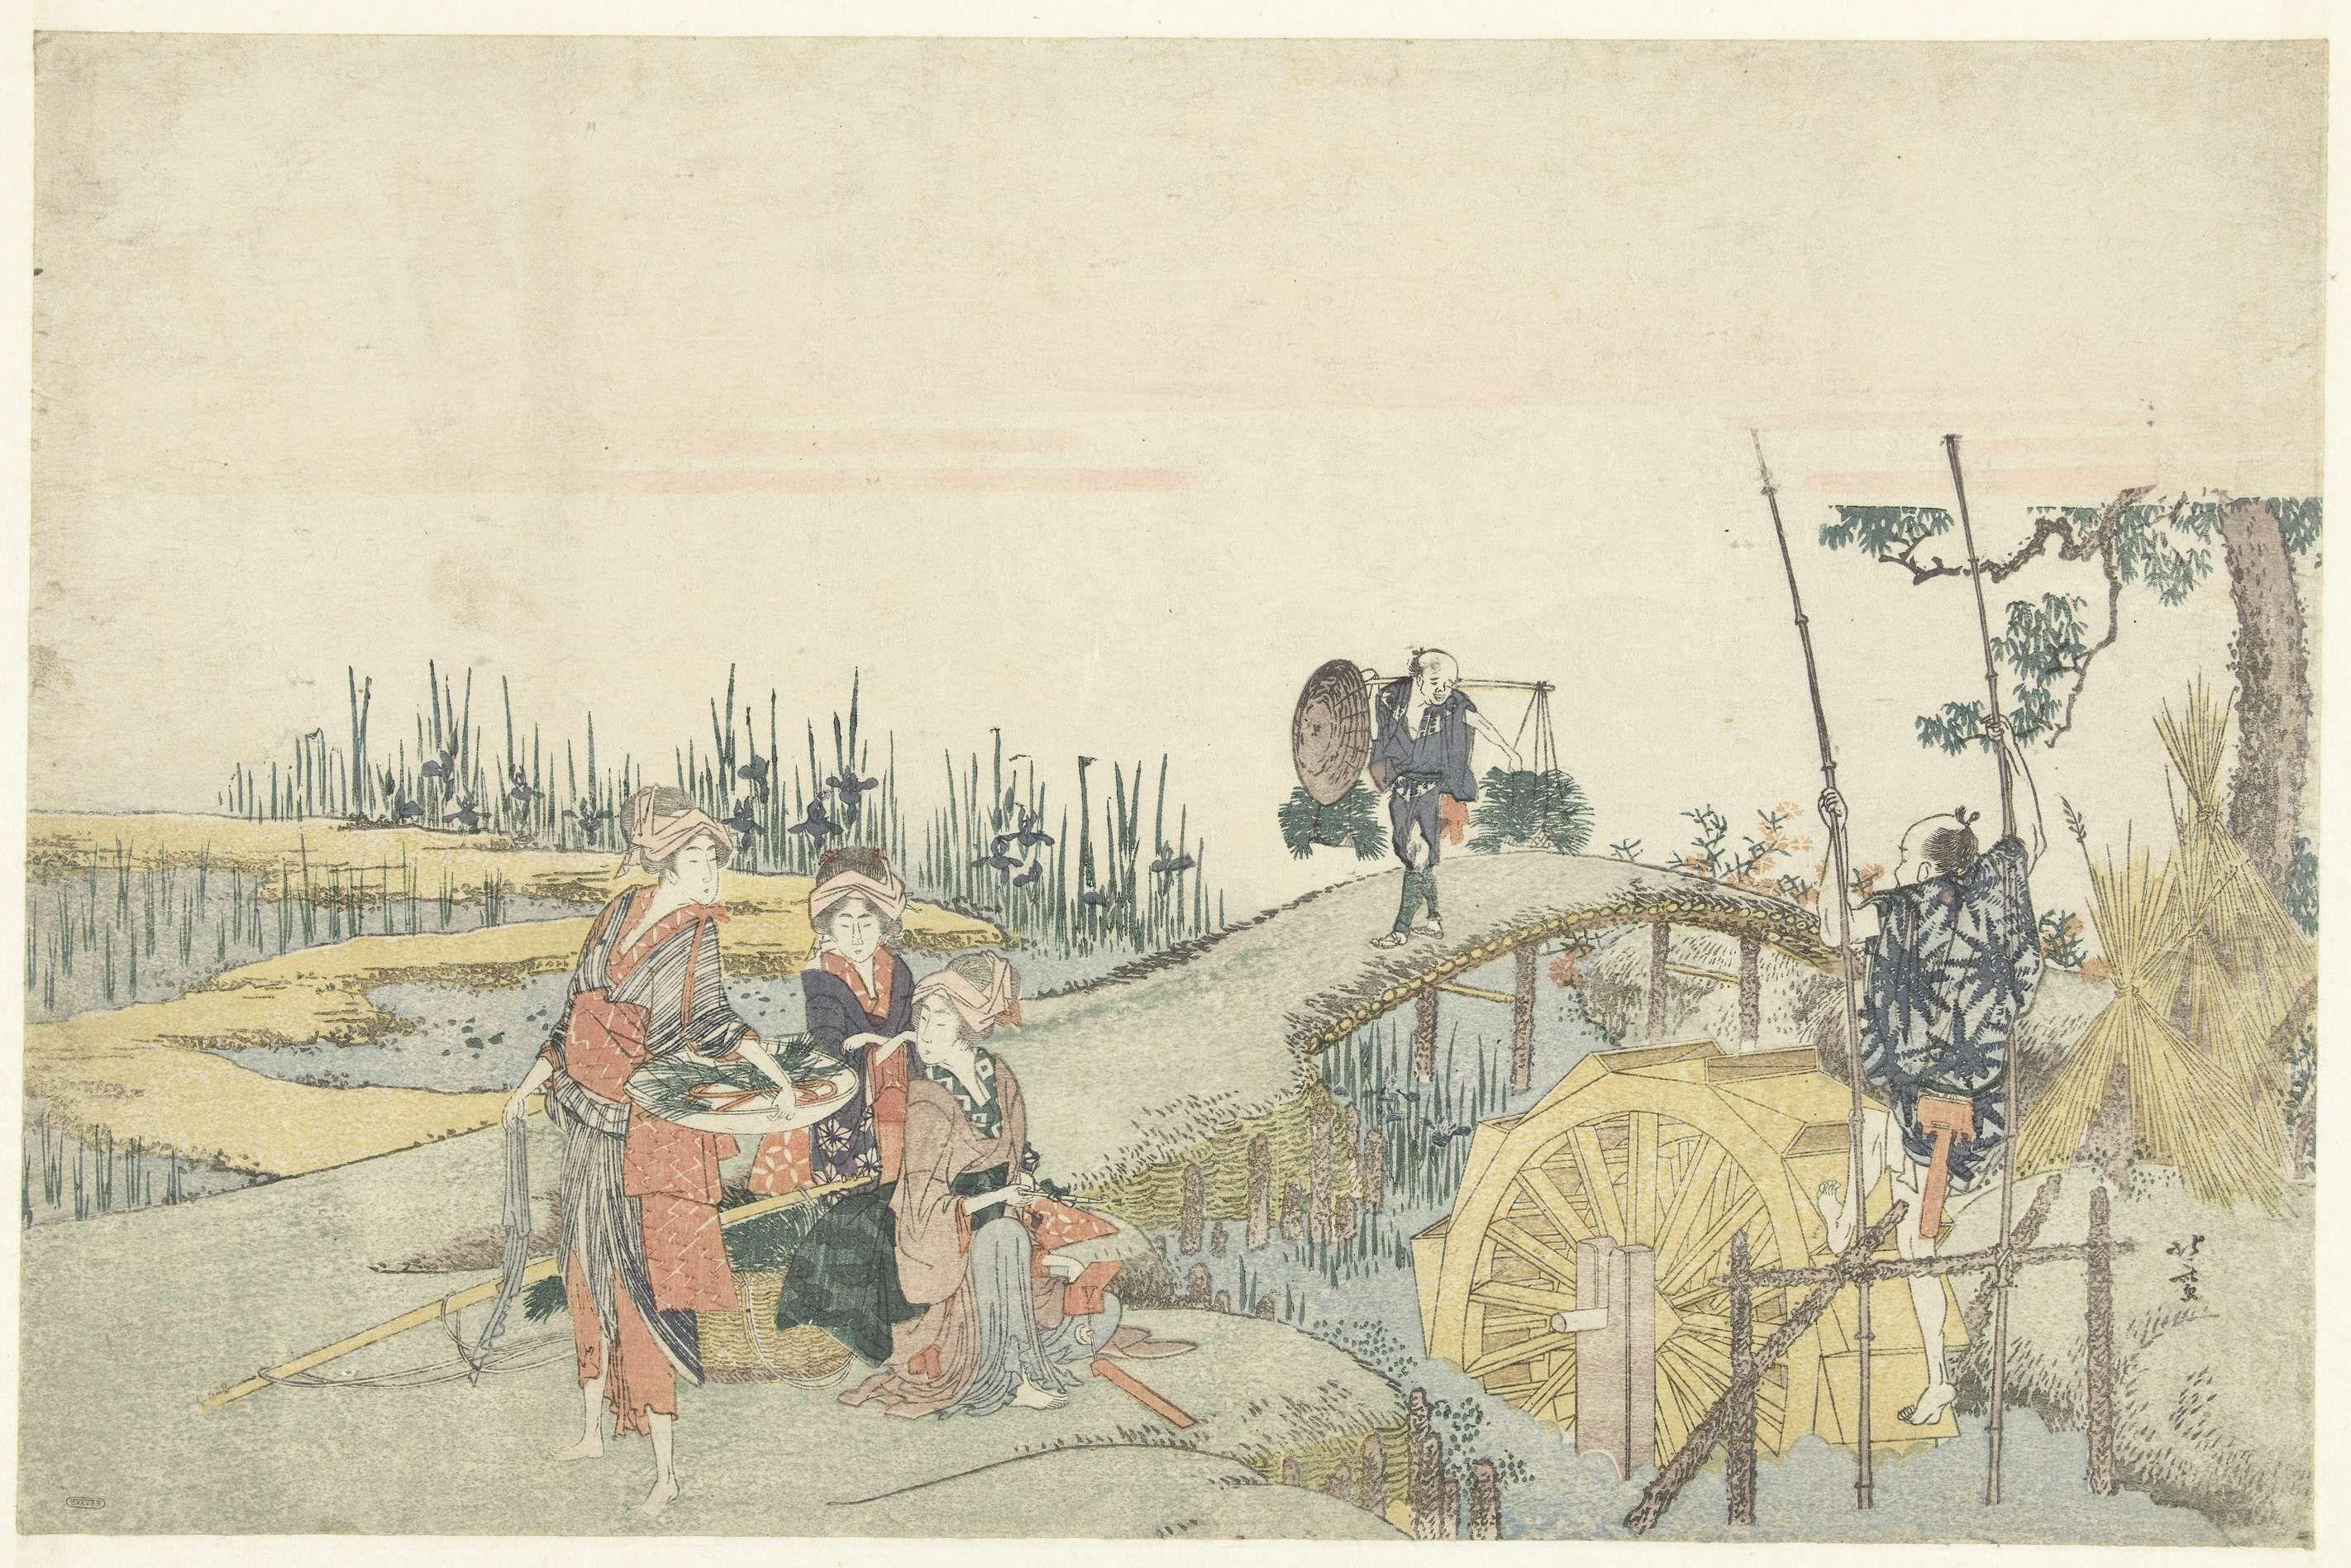 Katsushika Hokusai | Rijstplanters, Katsushika Hokusai, 1800 - 1805 | Landschap met rijstvelden en rivier met bloeiende irissen. Op de voorgrond een man een waterrad ter irrigatie aandrijvend; langs de waterkant drie vrouwen, waarvan één met schaal waarin rijstplantjes; op de achtergrond een man een juk dragend waaraan meer rijstplanten.